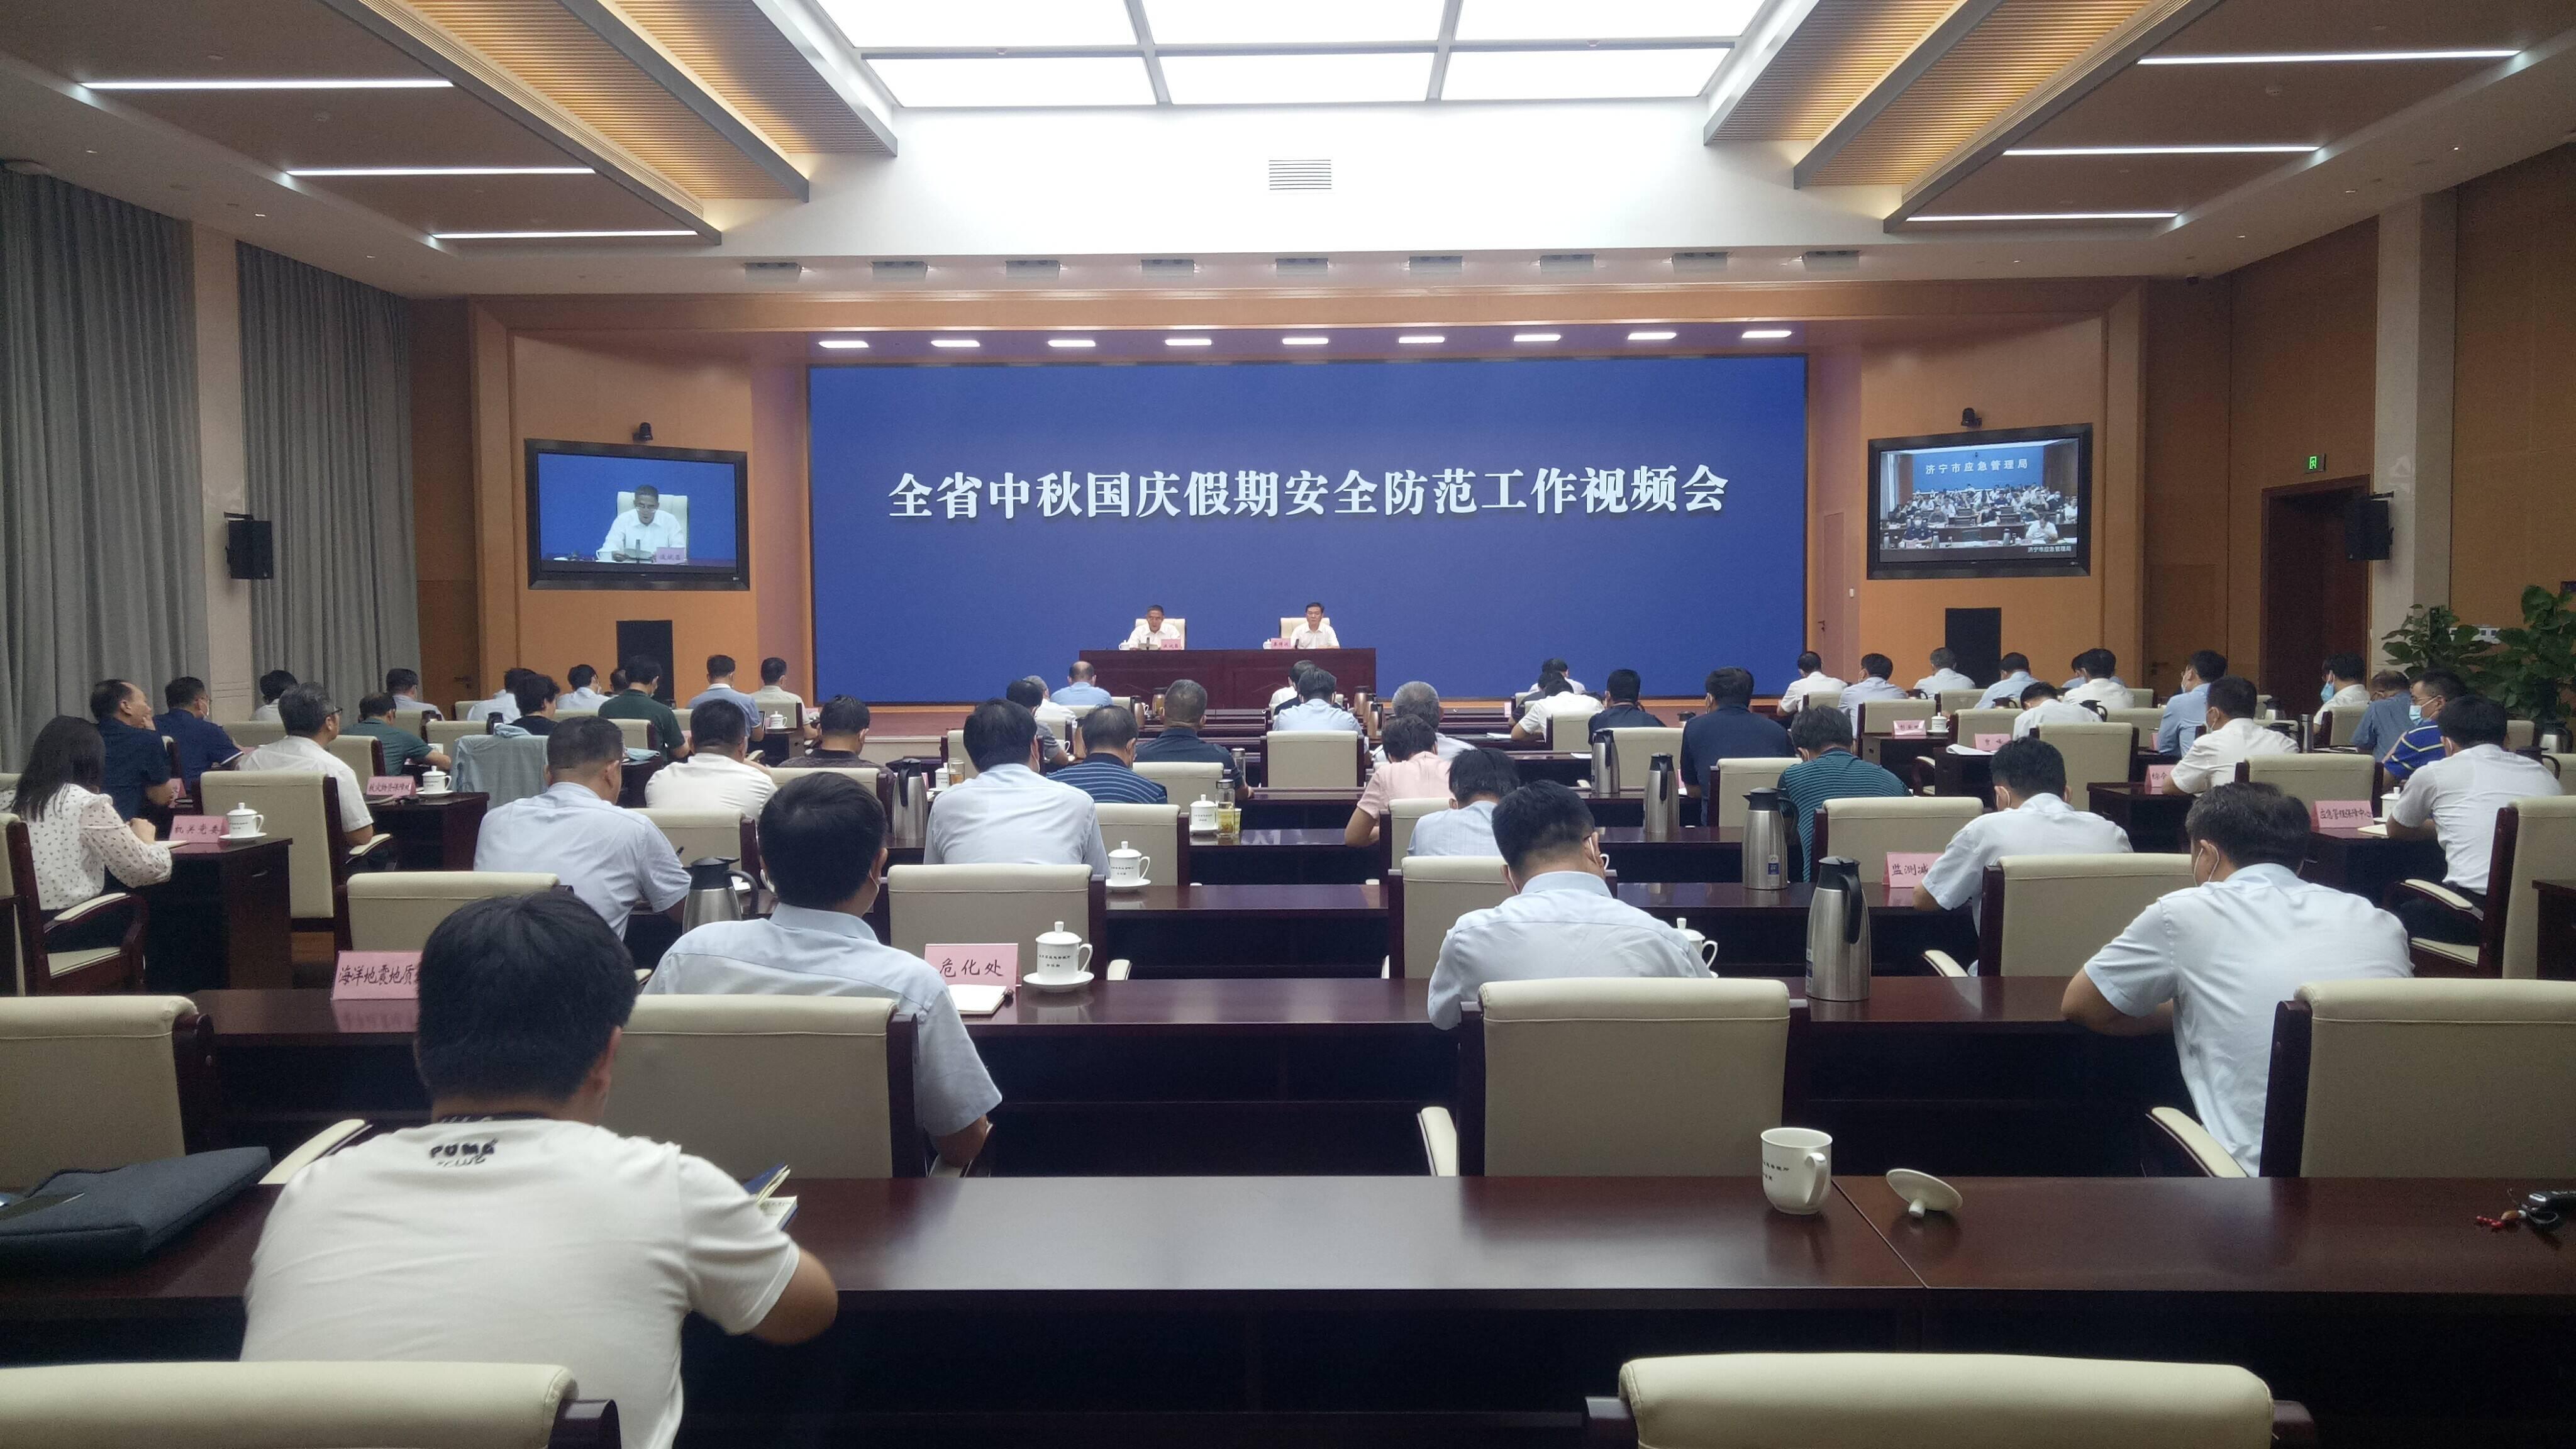 全省安全防范工作视频会议召开  对中秋国庆期间及四季度安全生产工作进行安排部署